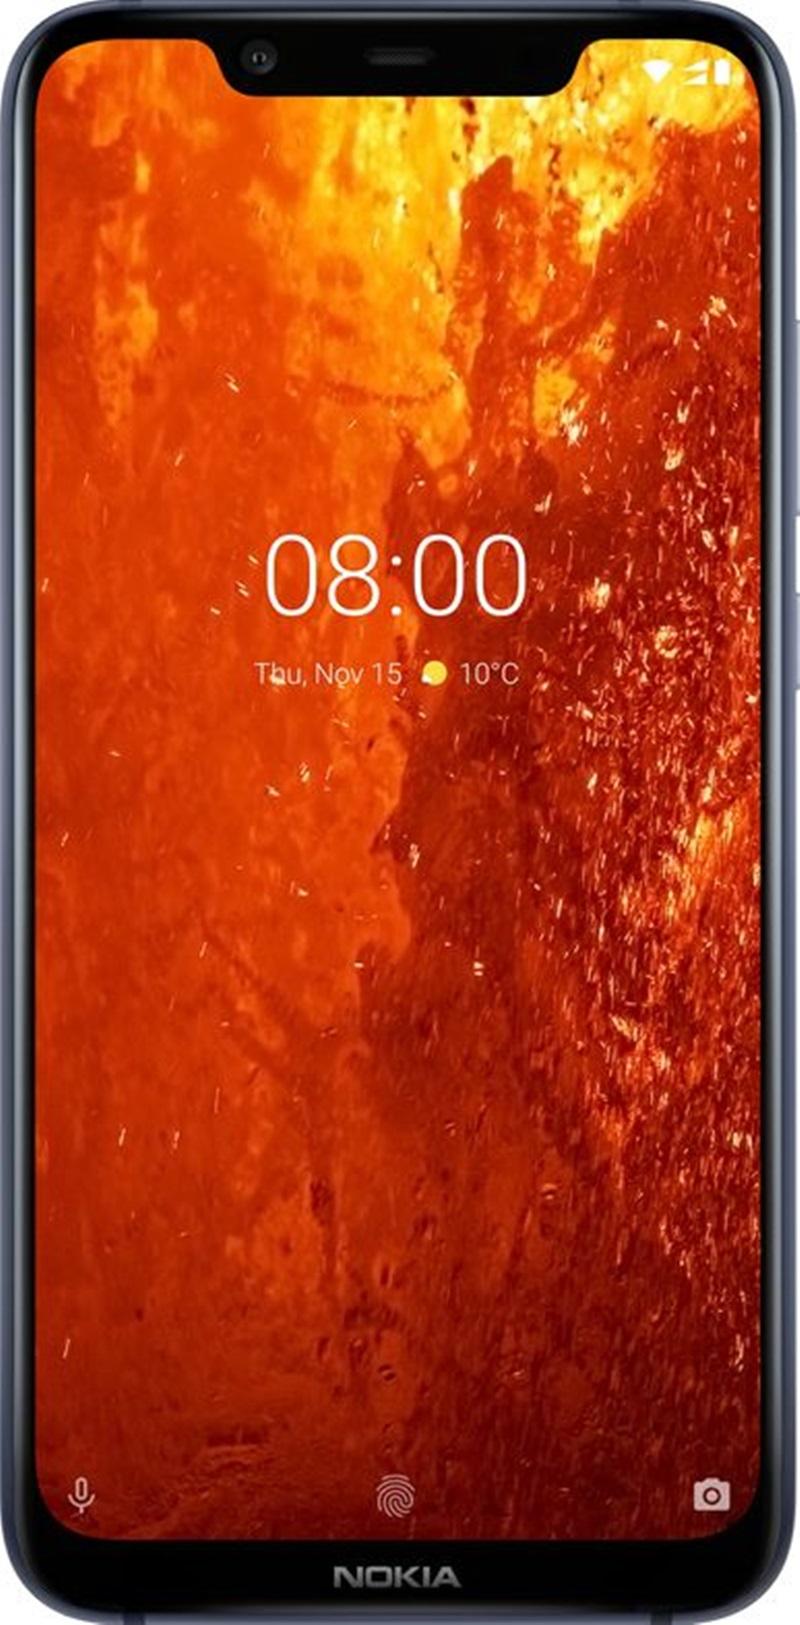 Nokia 8.1 giúp người dùng thoả sức sáng tạo, bắt trọn mọi khoảnh khắc đẹp đáng lưu giữ khi máy được vận hành với hệ điều hành Android 9 Pie mới nhất cùng với một pin 3500mAh.